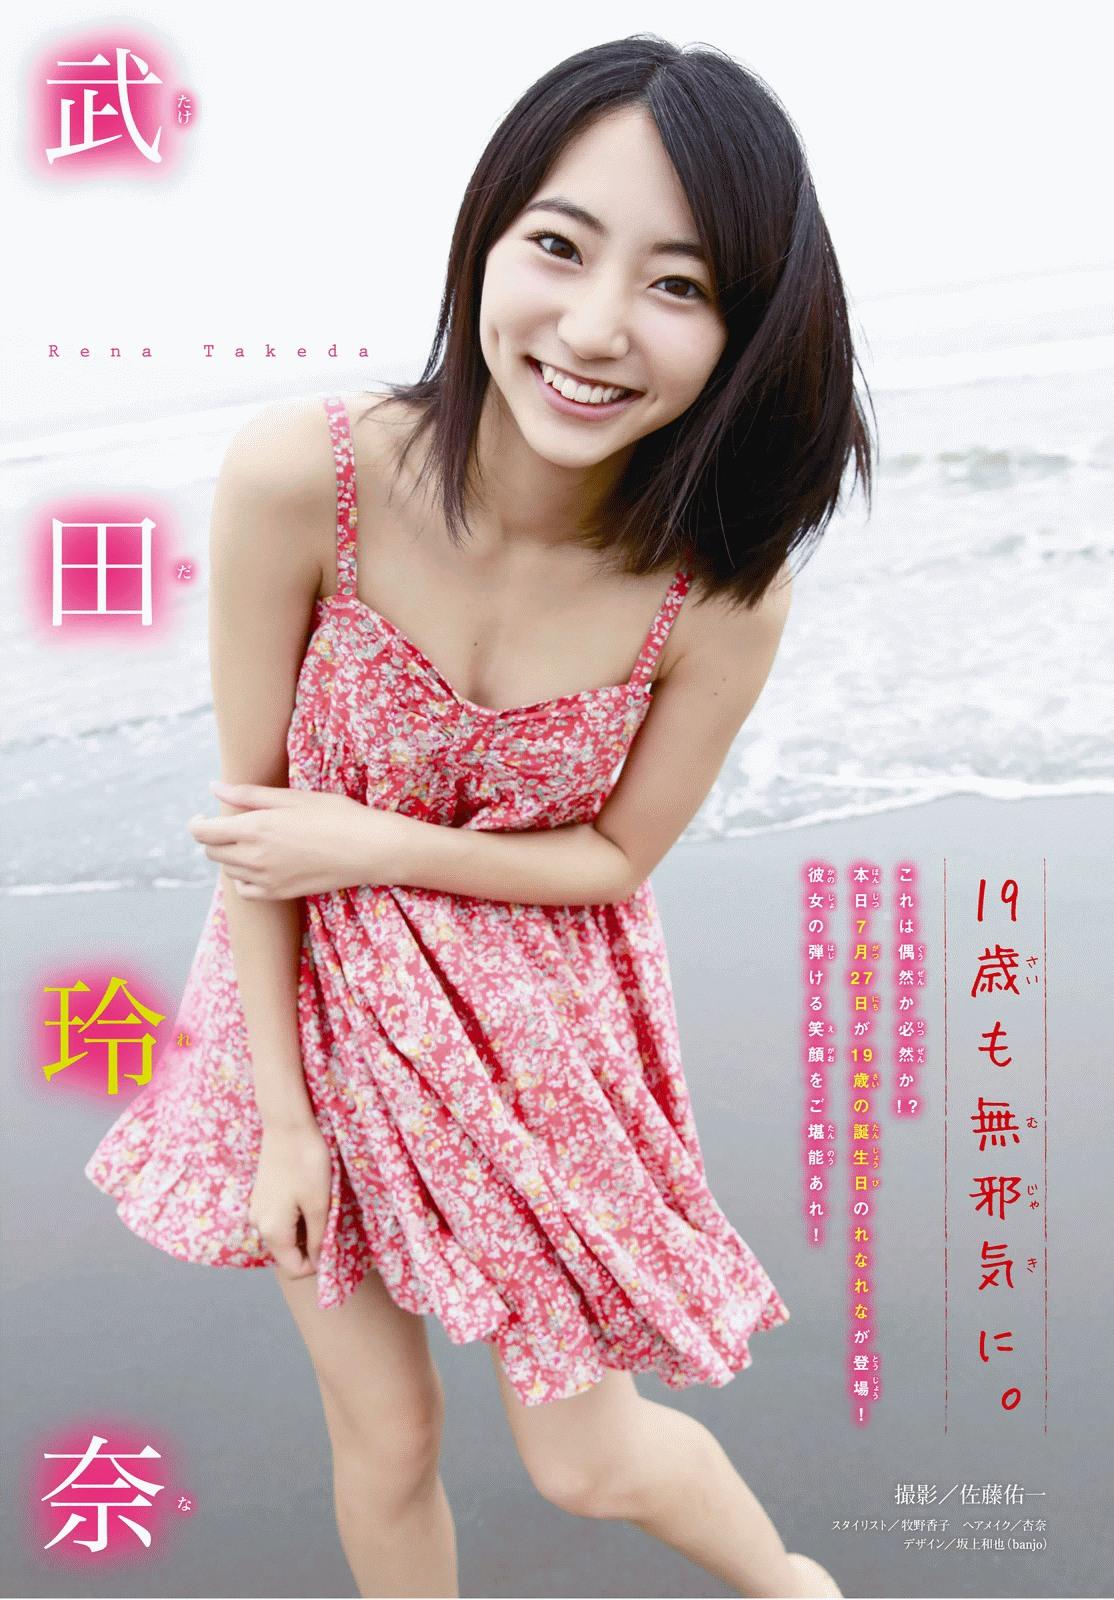 image http://scanlover.com/assets/images/3441-79iawFLh1zrfsOeu.jpeg